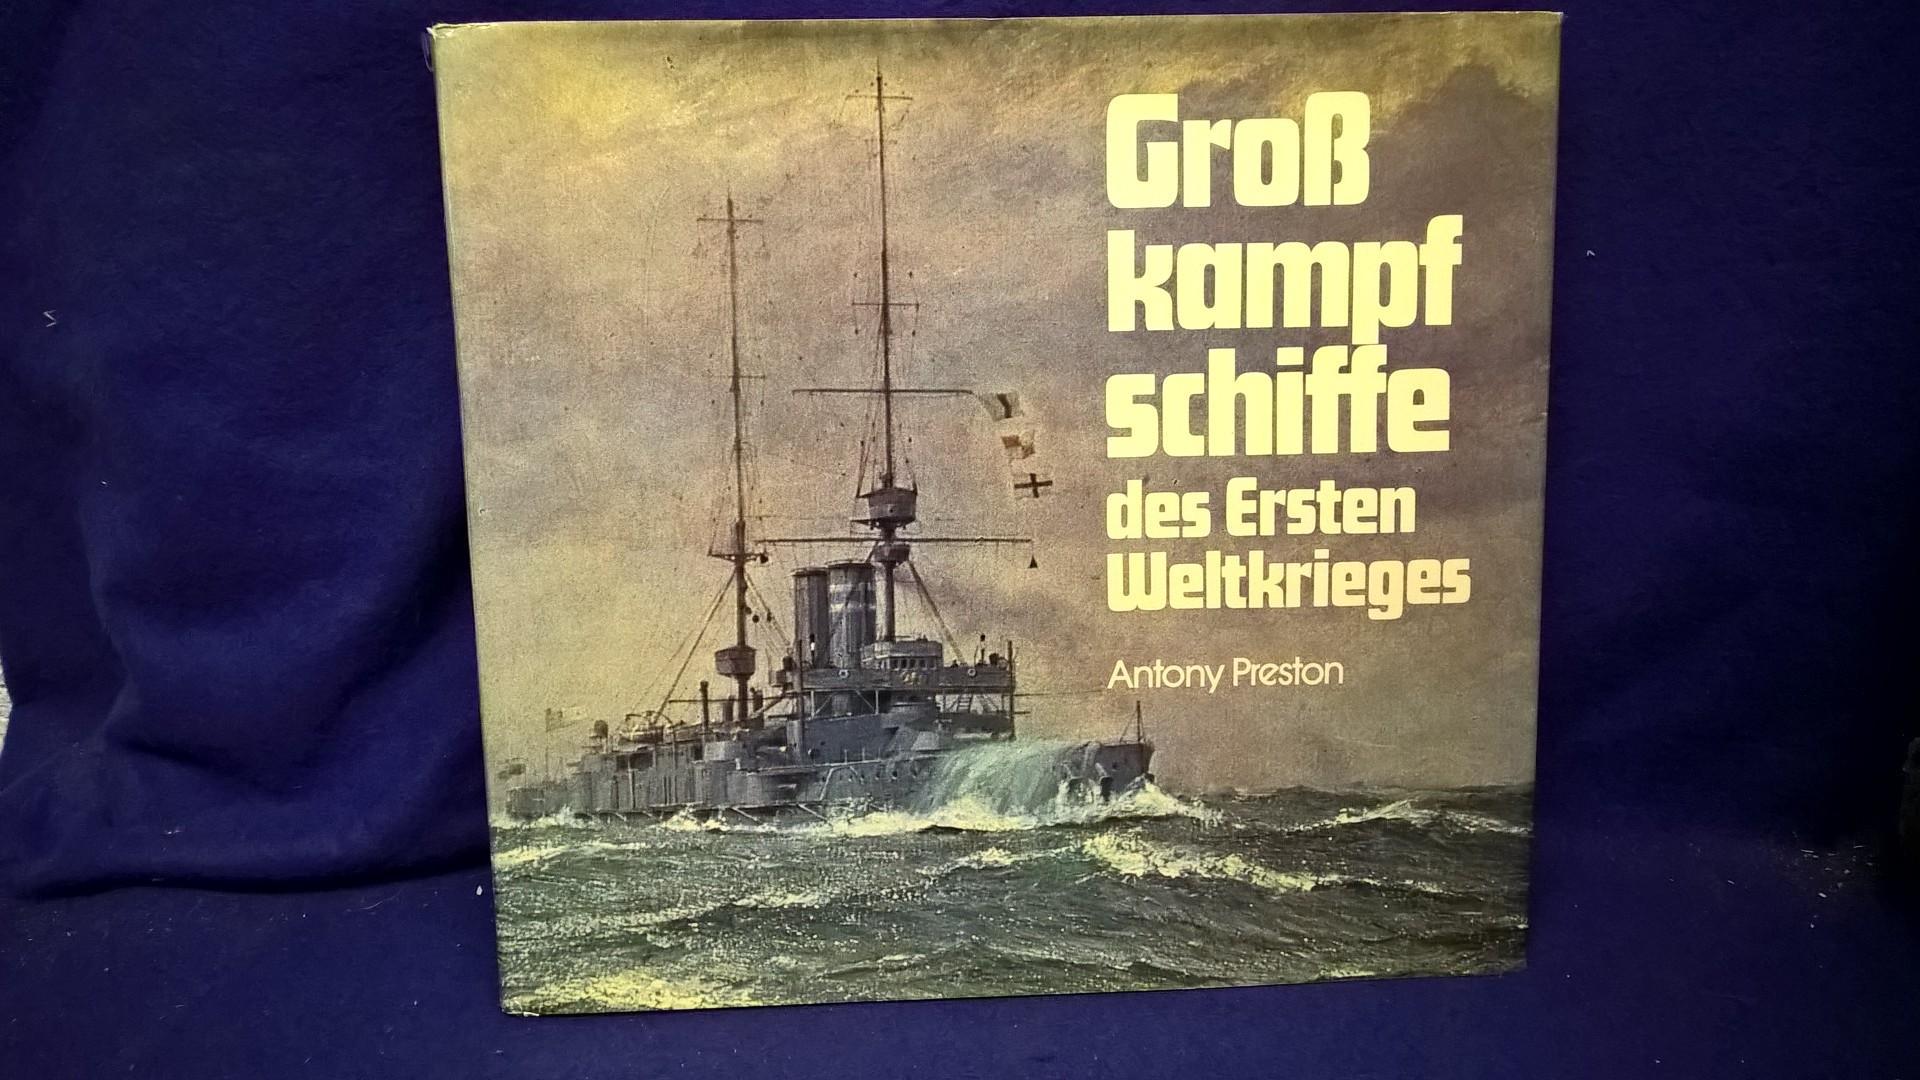 Großkampfschiffe des ersten Weltkrieges. Eine Illustrierte Enzyklopädie der Schlachtschiffe aller Nationen 1914-1918.